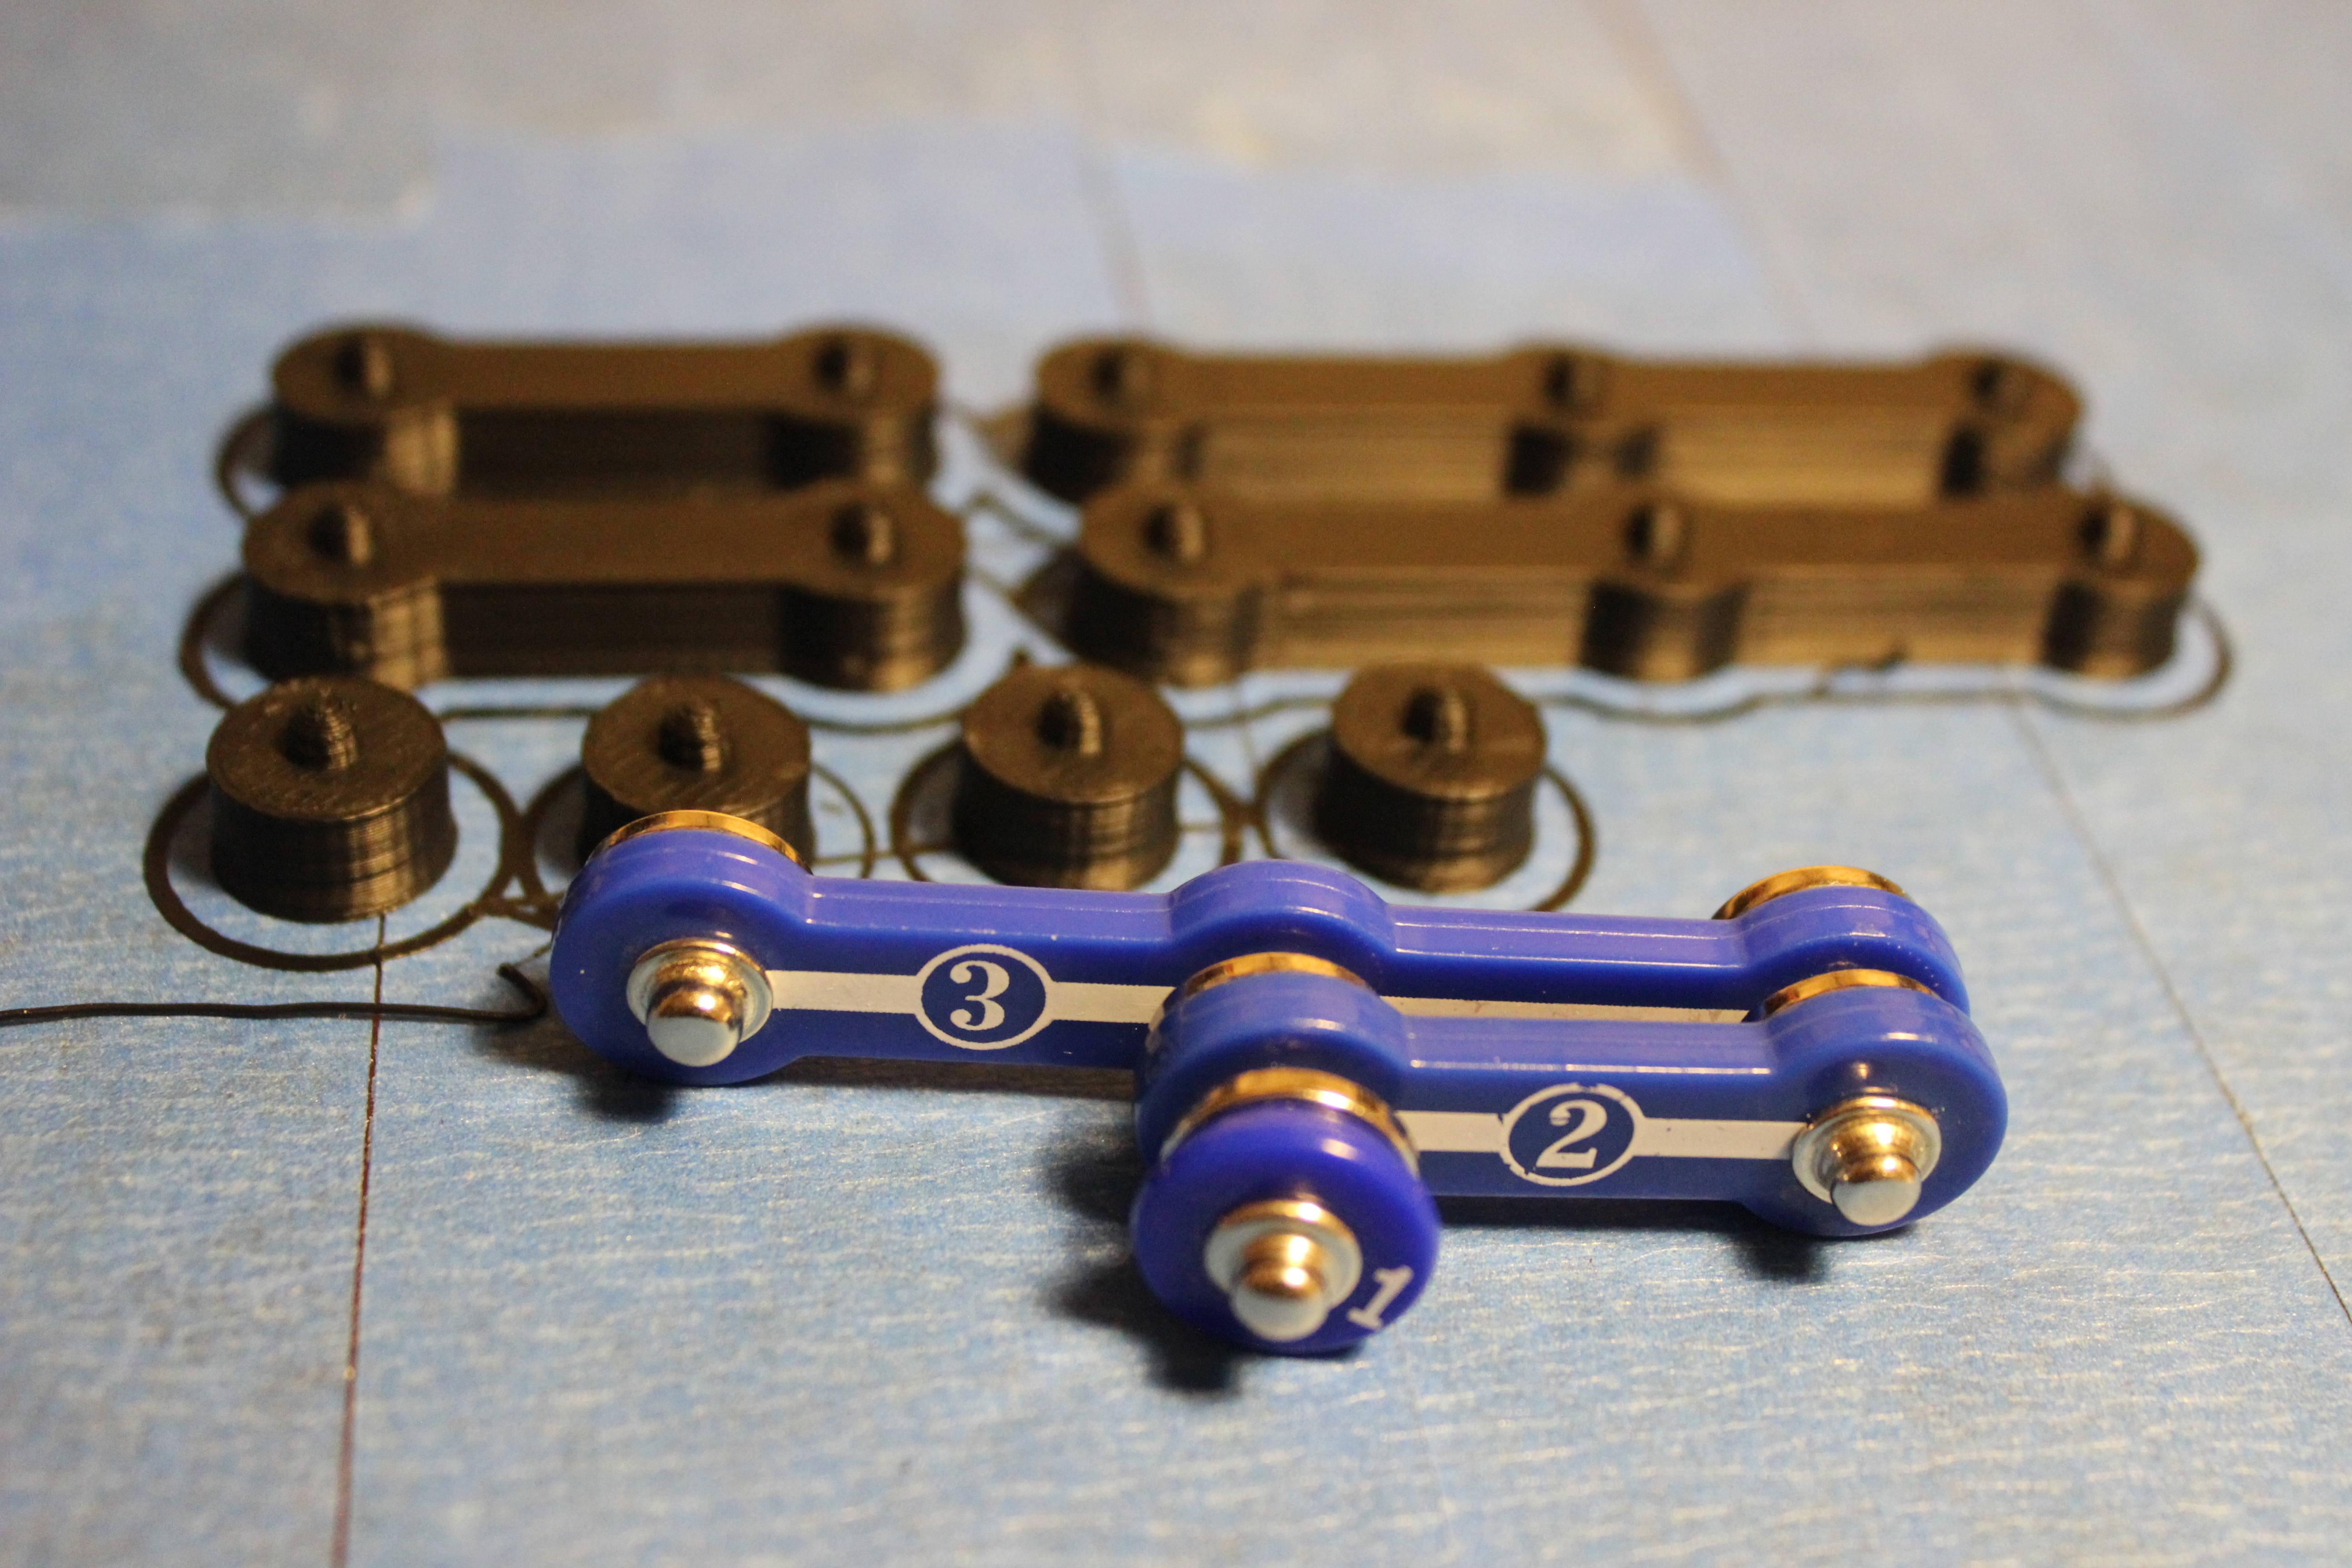 3D printed Snap Circuit pieces